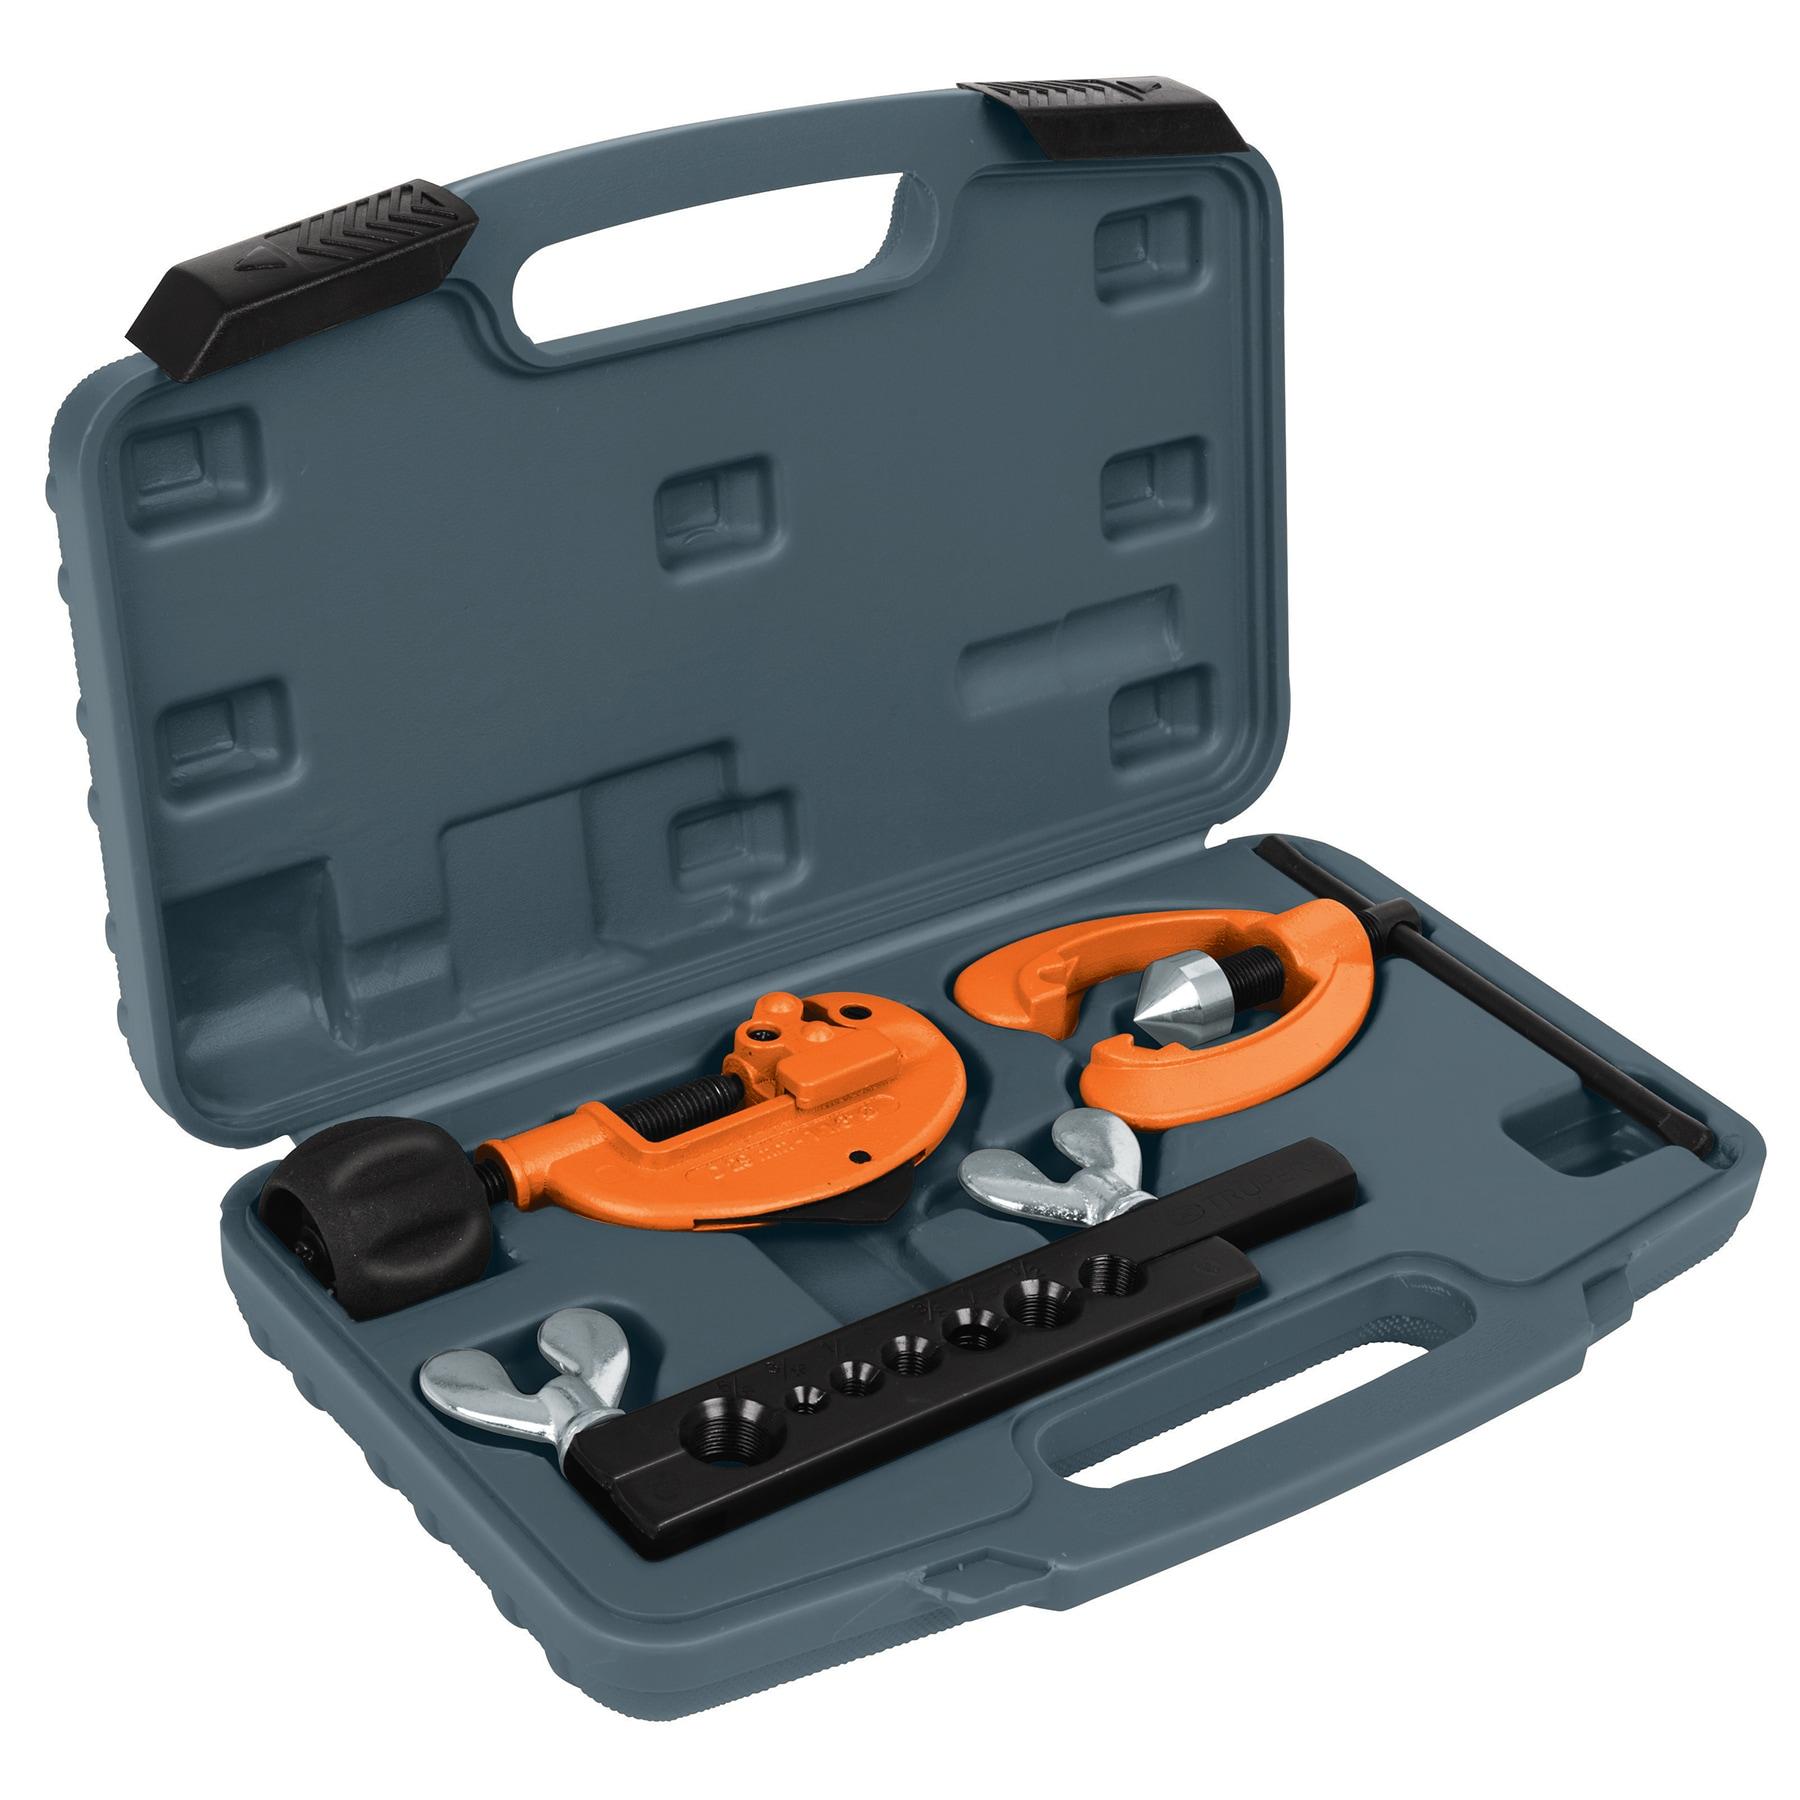 Truper - Juego de cortador de tubo y avellanador, 3 piezas